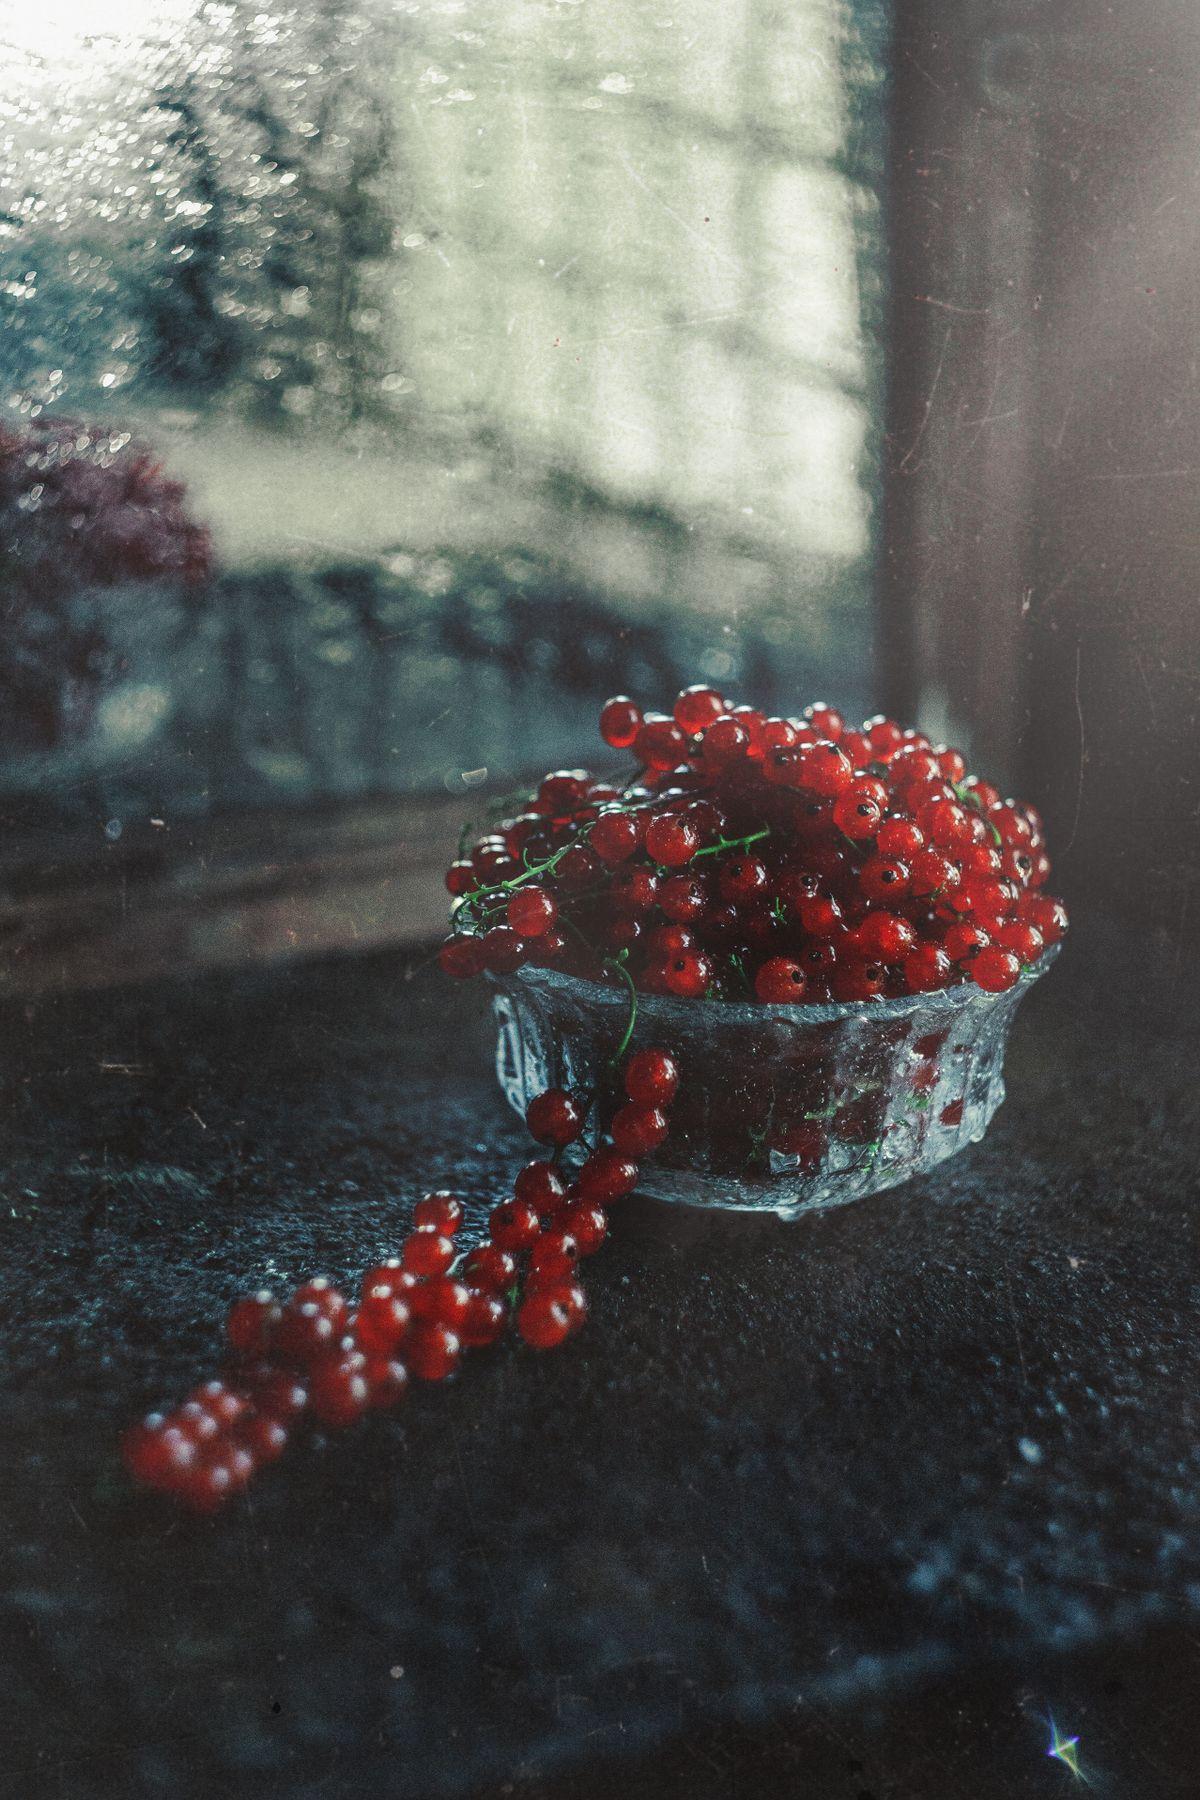 *** stilllife red noir glass lowkey reflexion berries light cinematic currant fresh sweet сладкий отражение смородина красный чёрный свежий свет низкий ключ ягода стекло вода капли drops water mirror зеракало